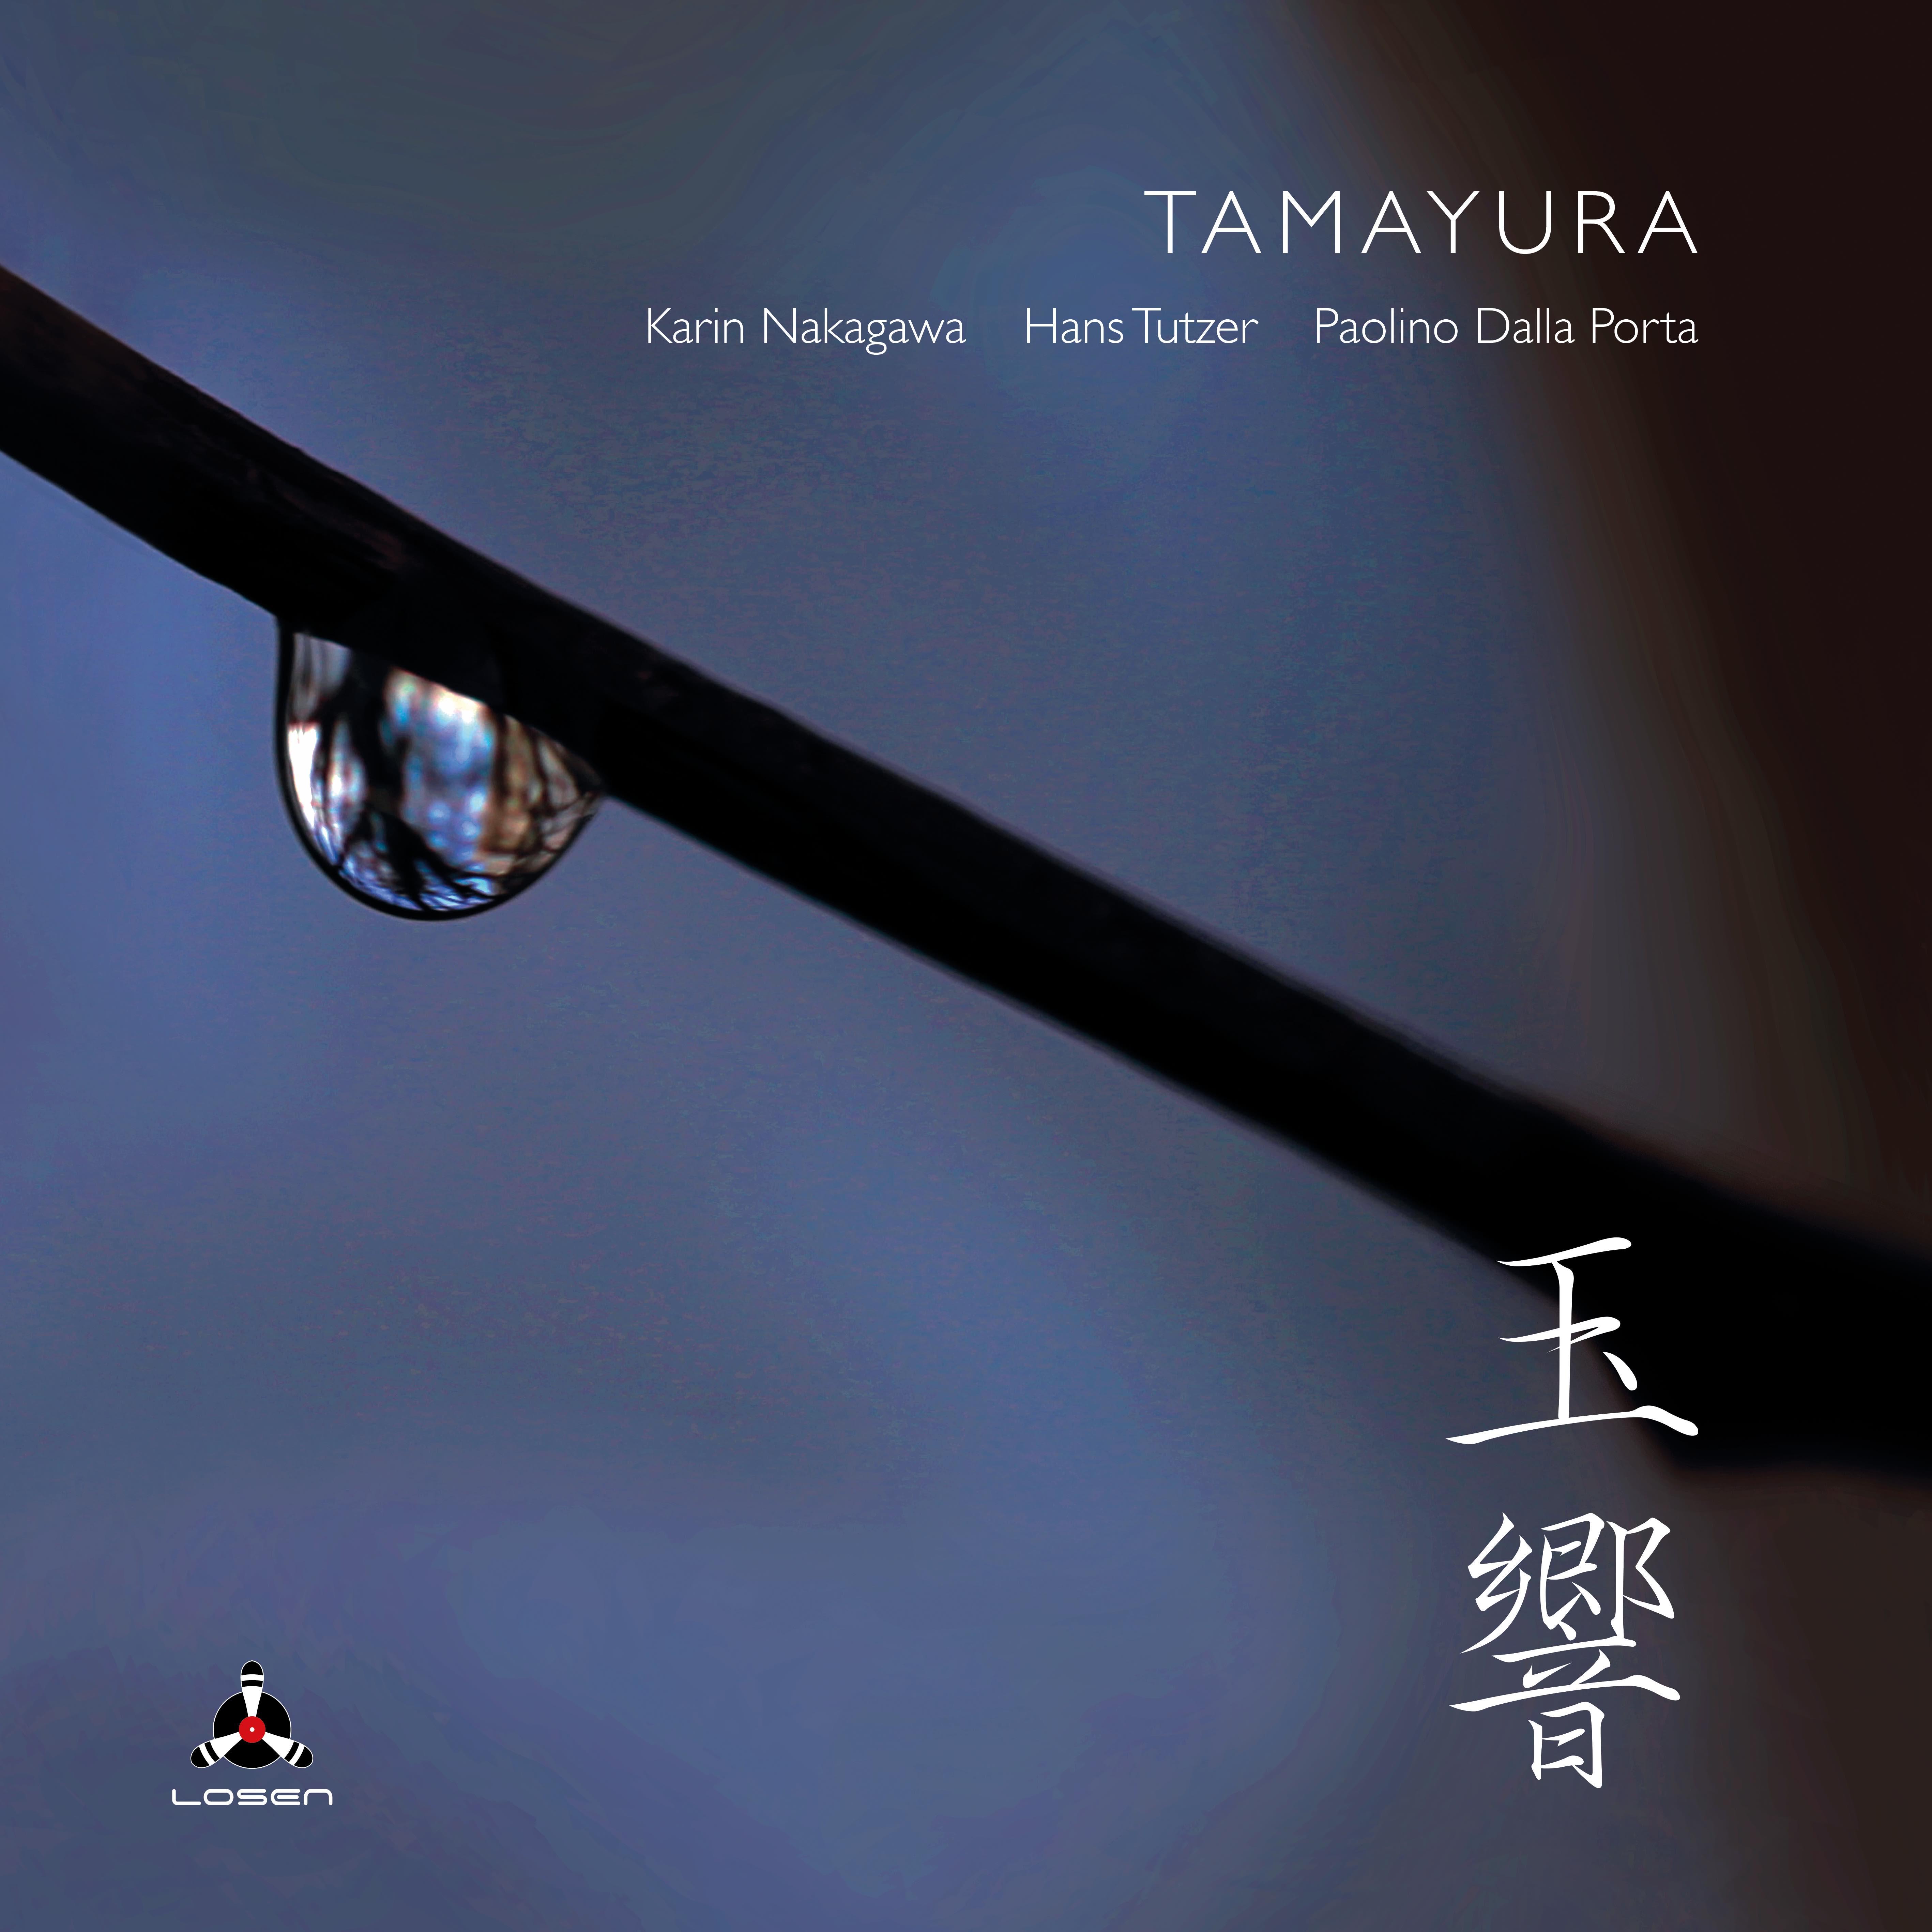 玉響 TAMAYURA/中川果林・他[31044]